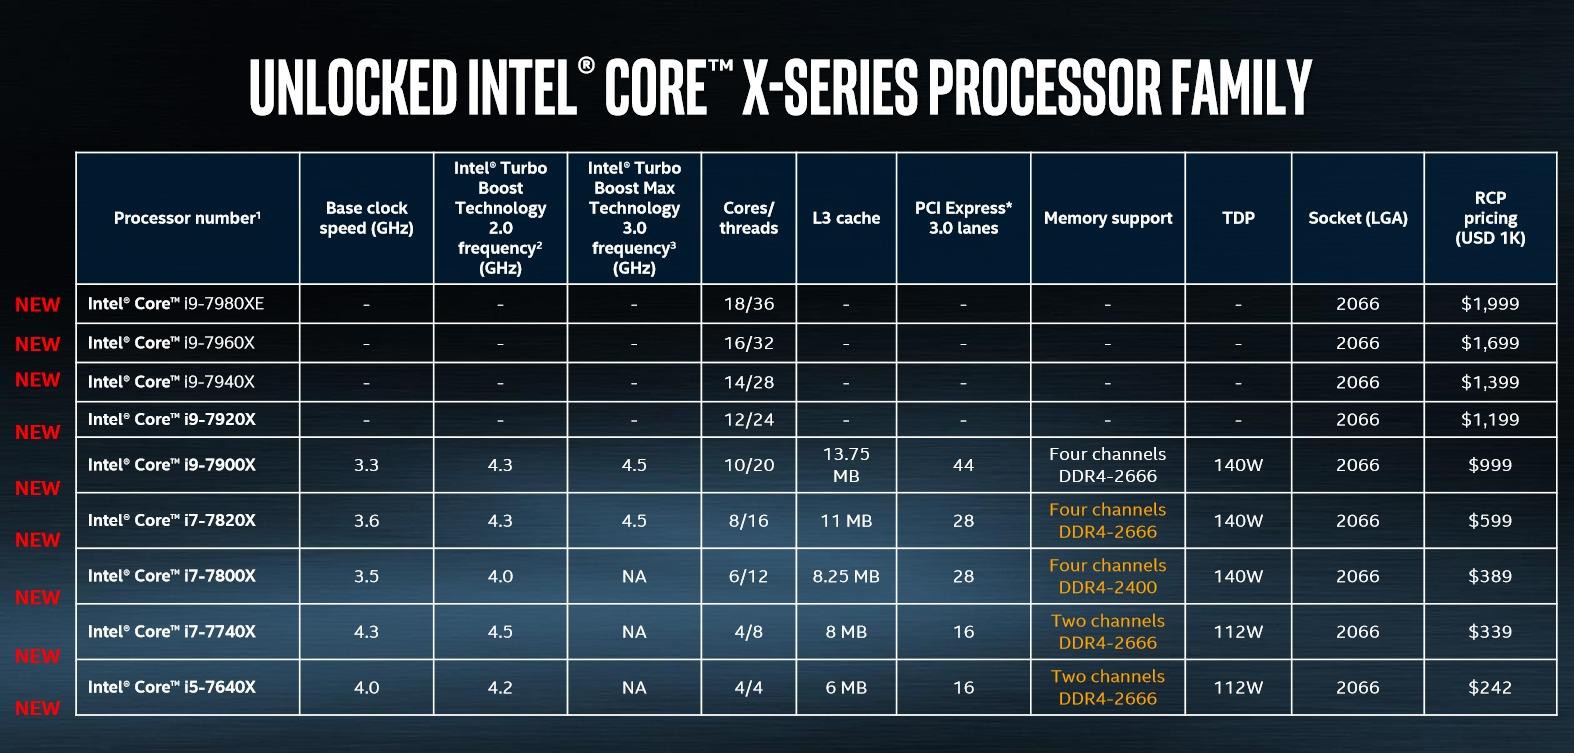 X-series CPUs